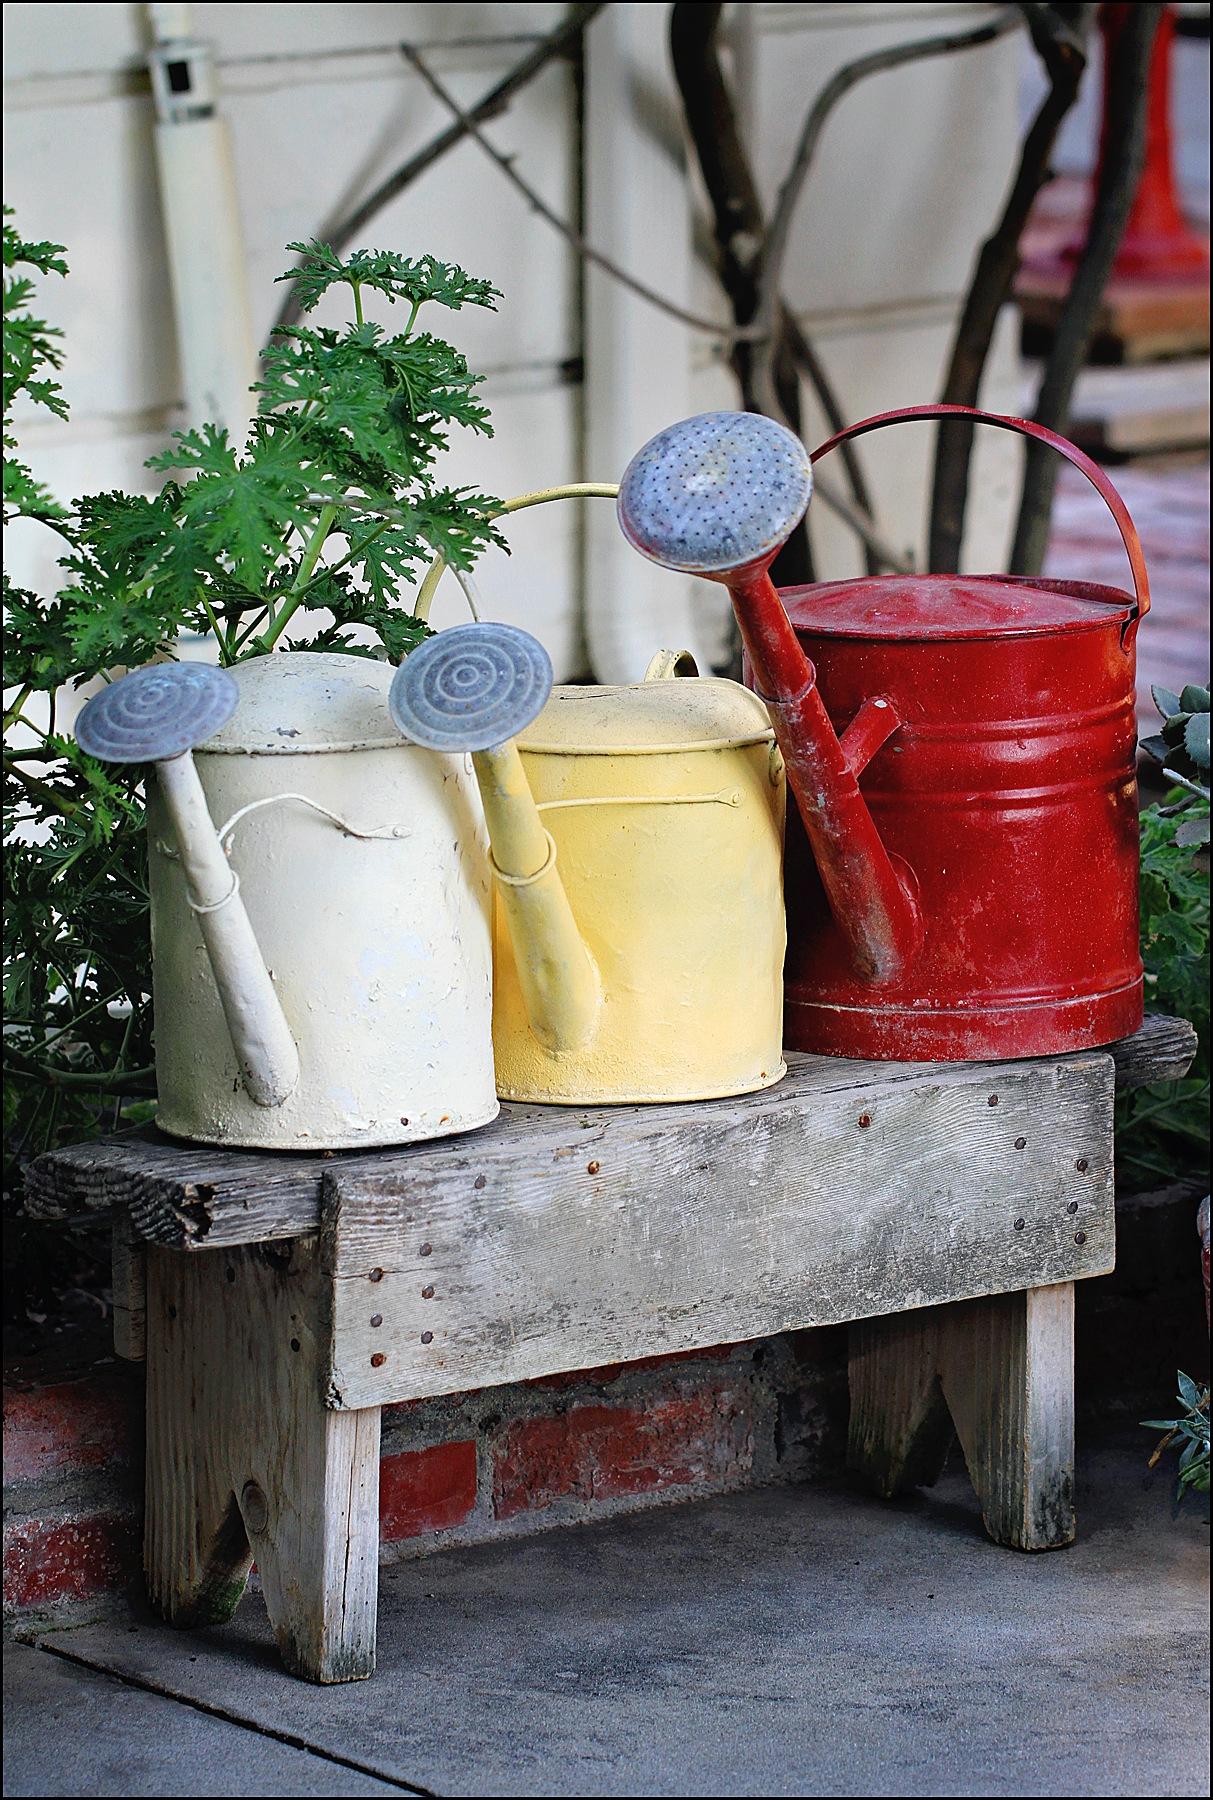 Garden Art by Linda Ruiz